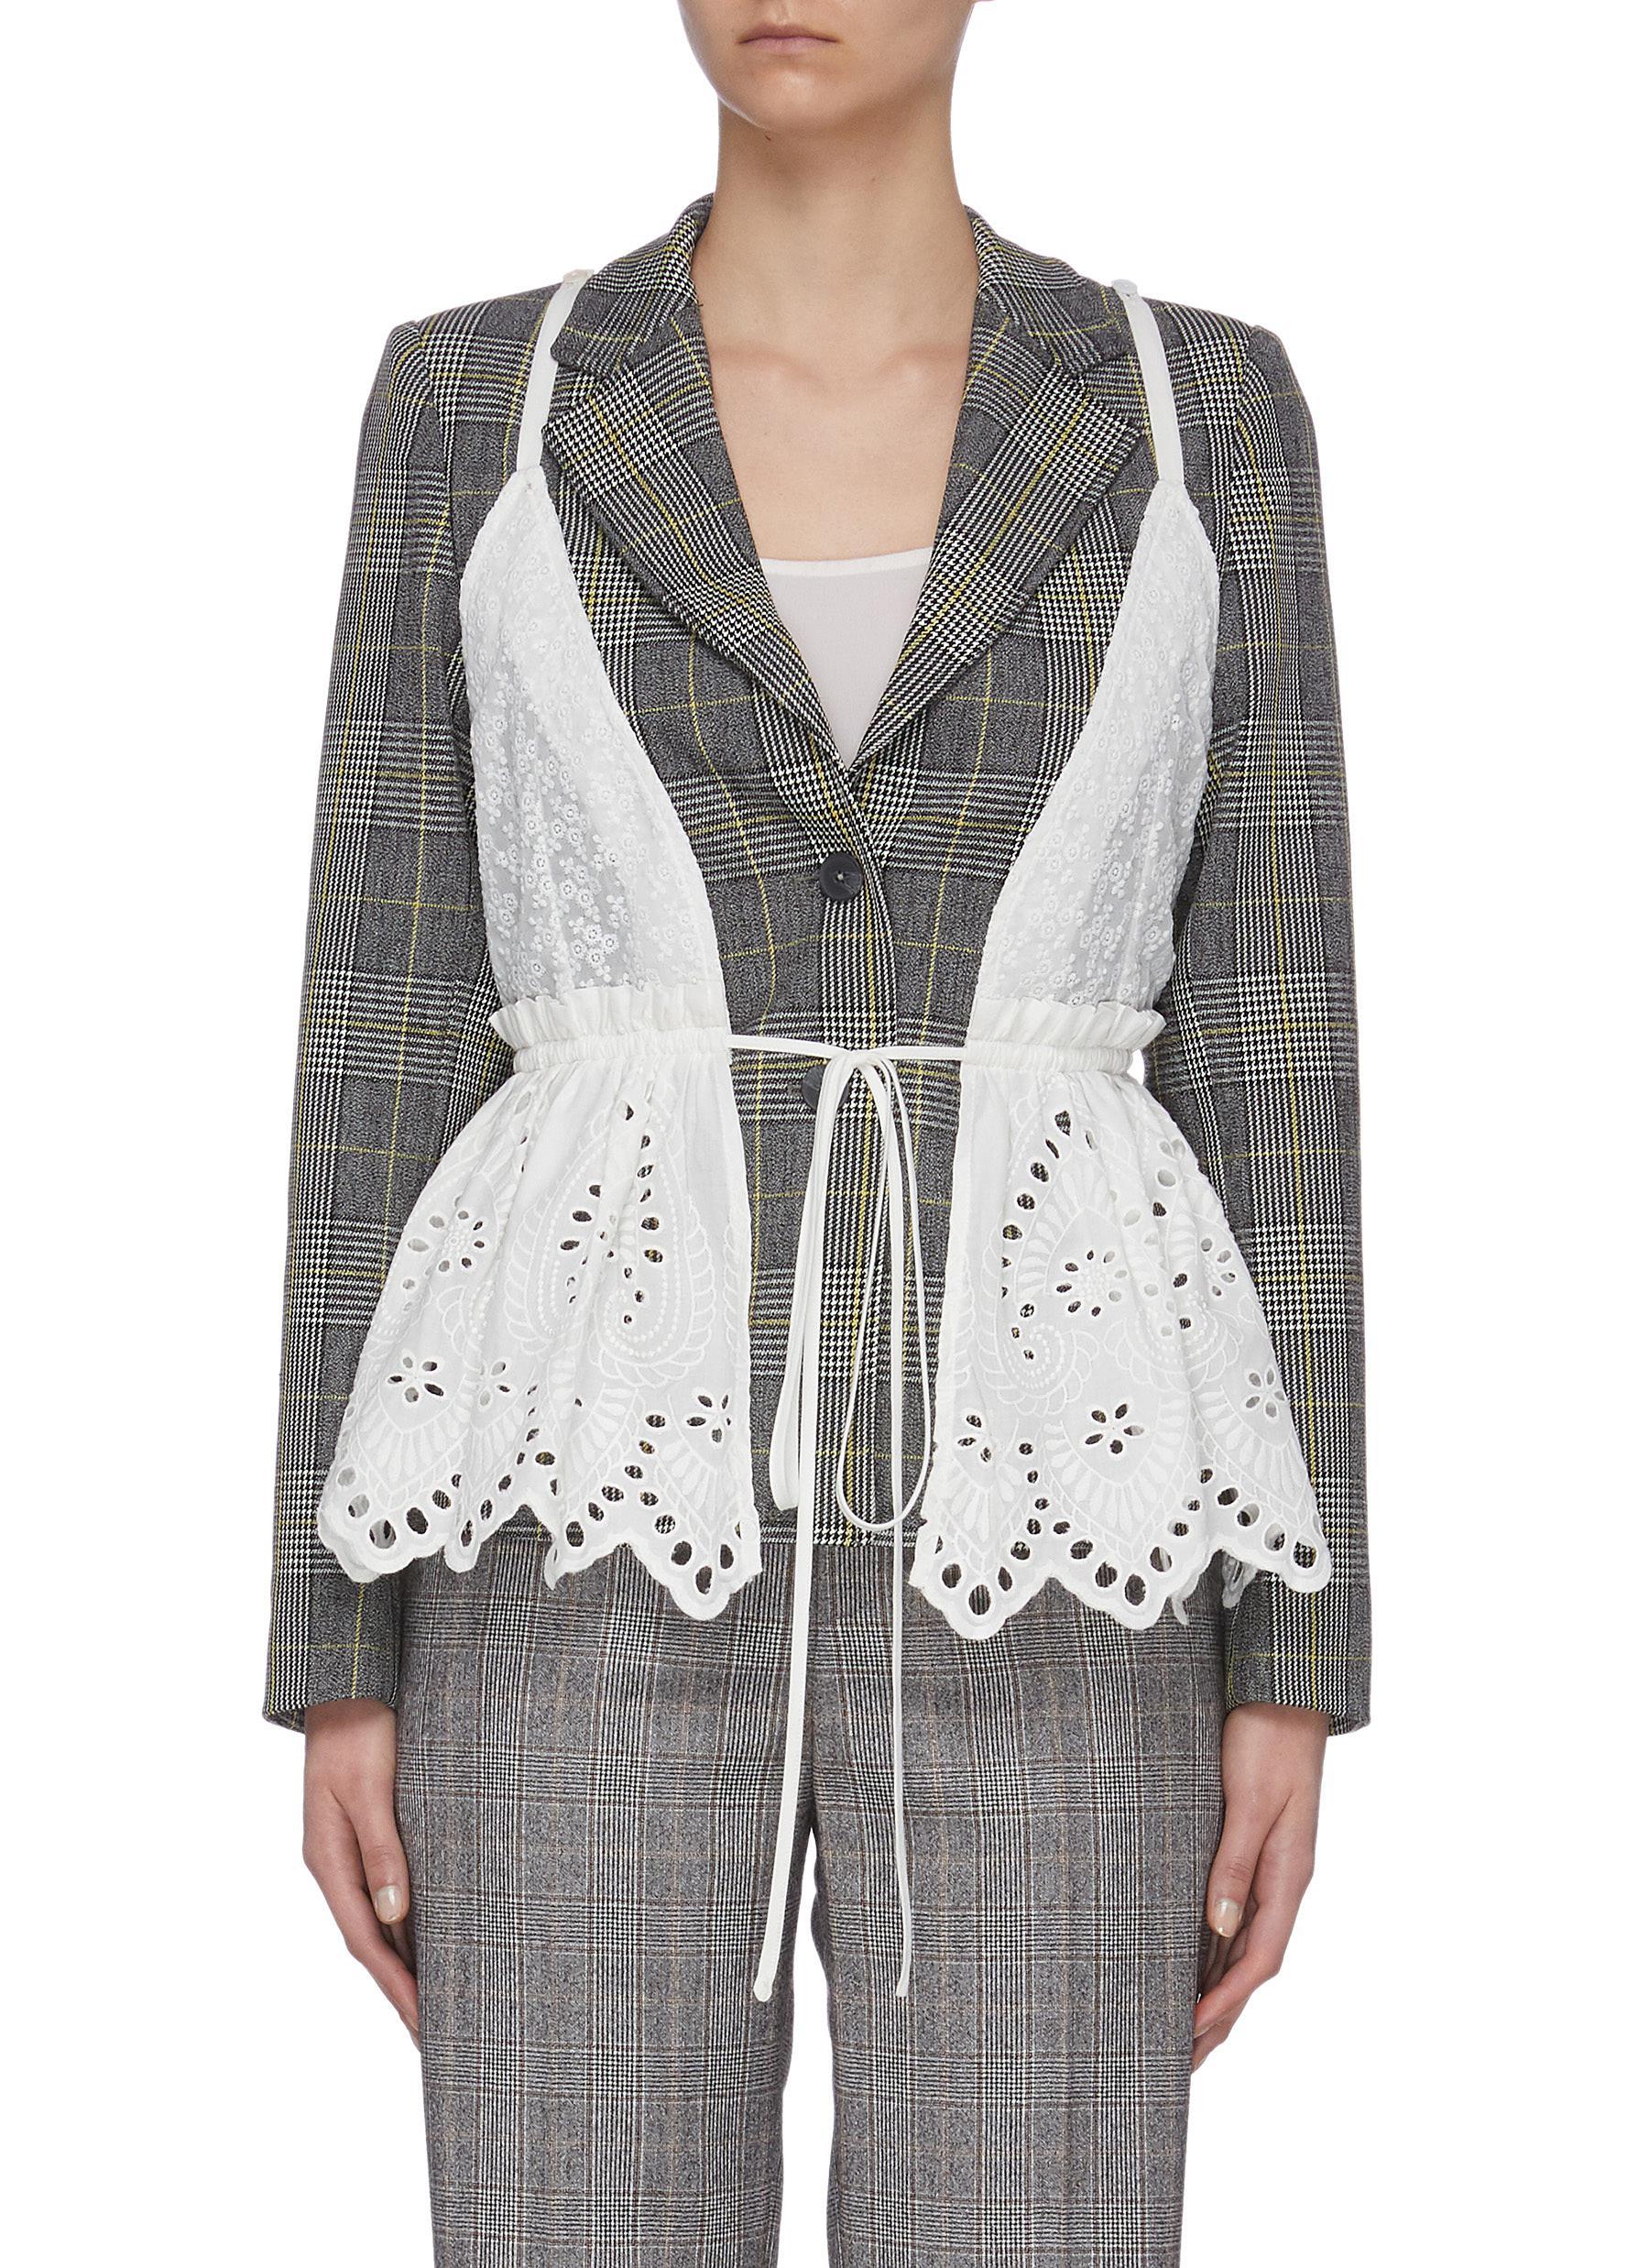 Buy Jonathan Liang Blazers 'Slinger' Layer Jacket